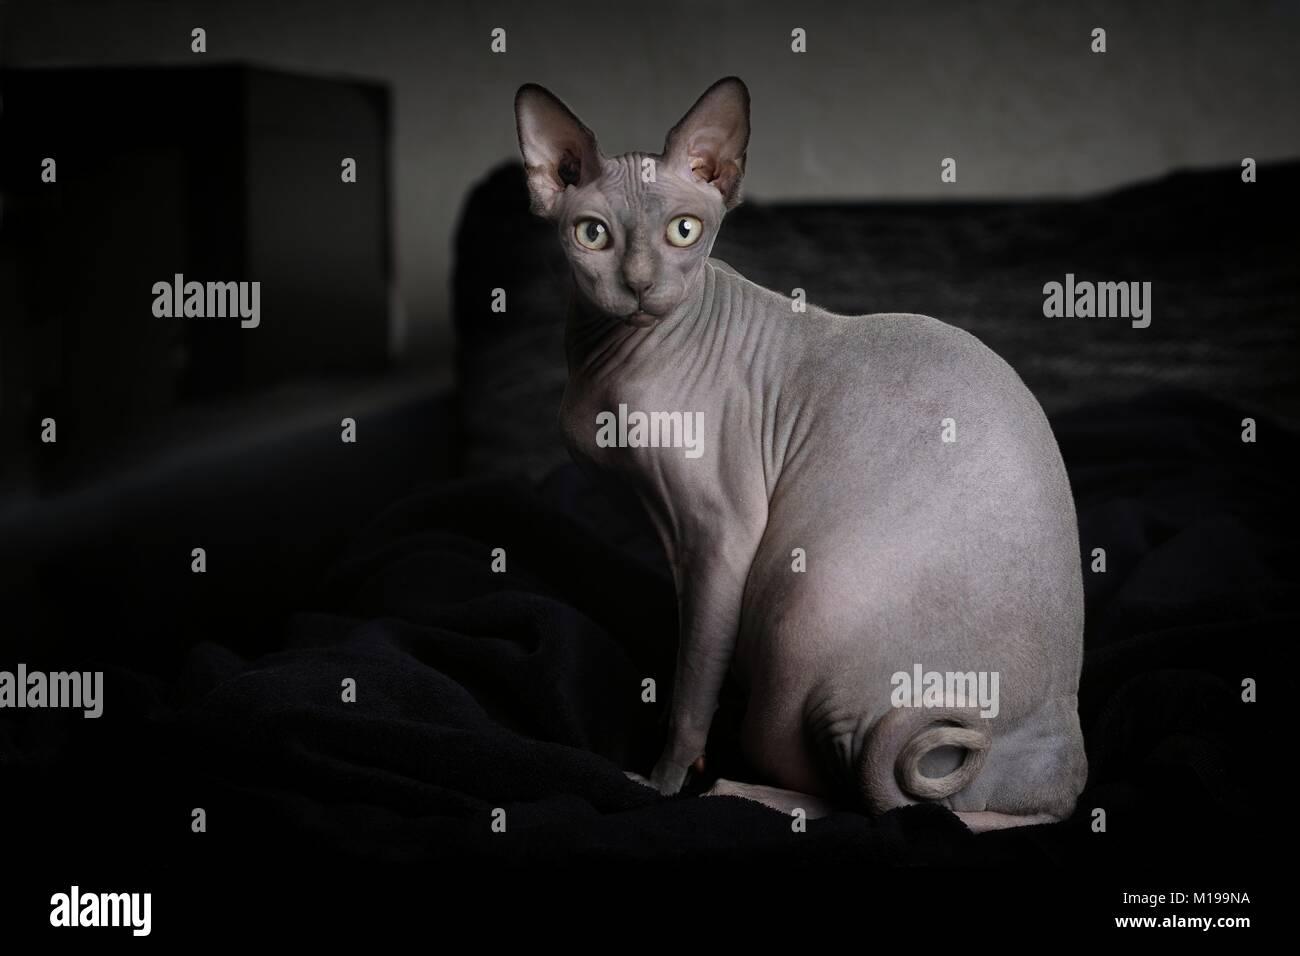 Porträt einer grauen sphynx Katze in der häuslichen Umgebung Stockbild